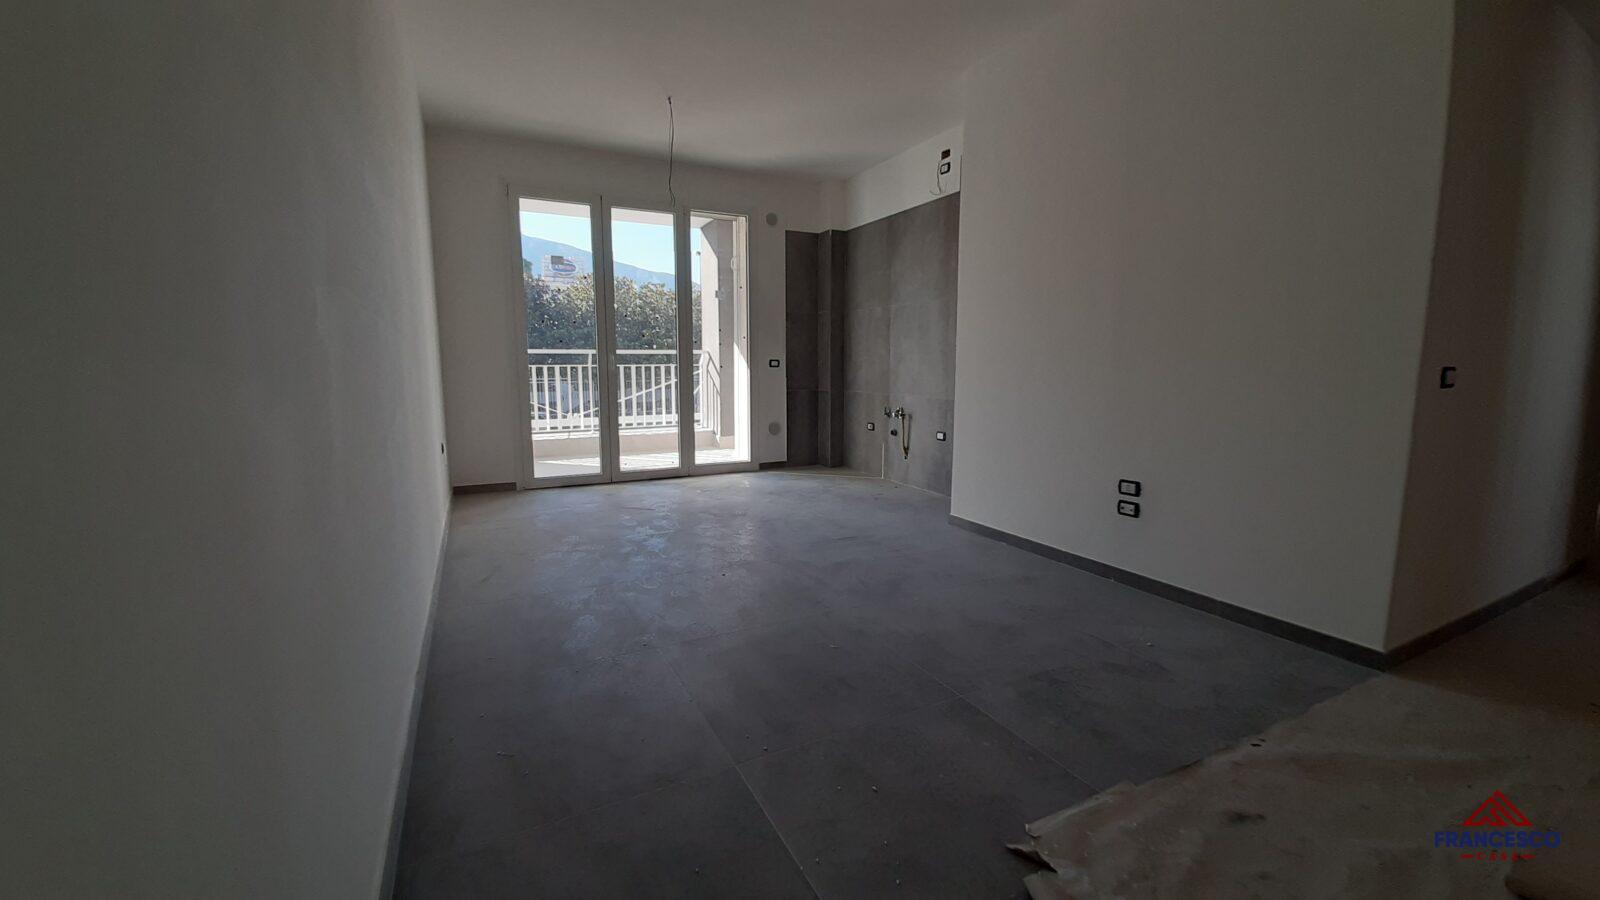 Appartamento con box in vendita ad Angri via Nazionale.